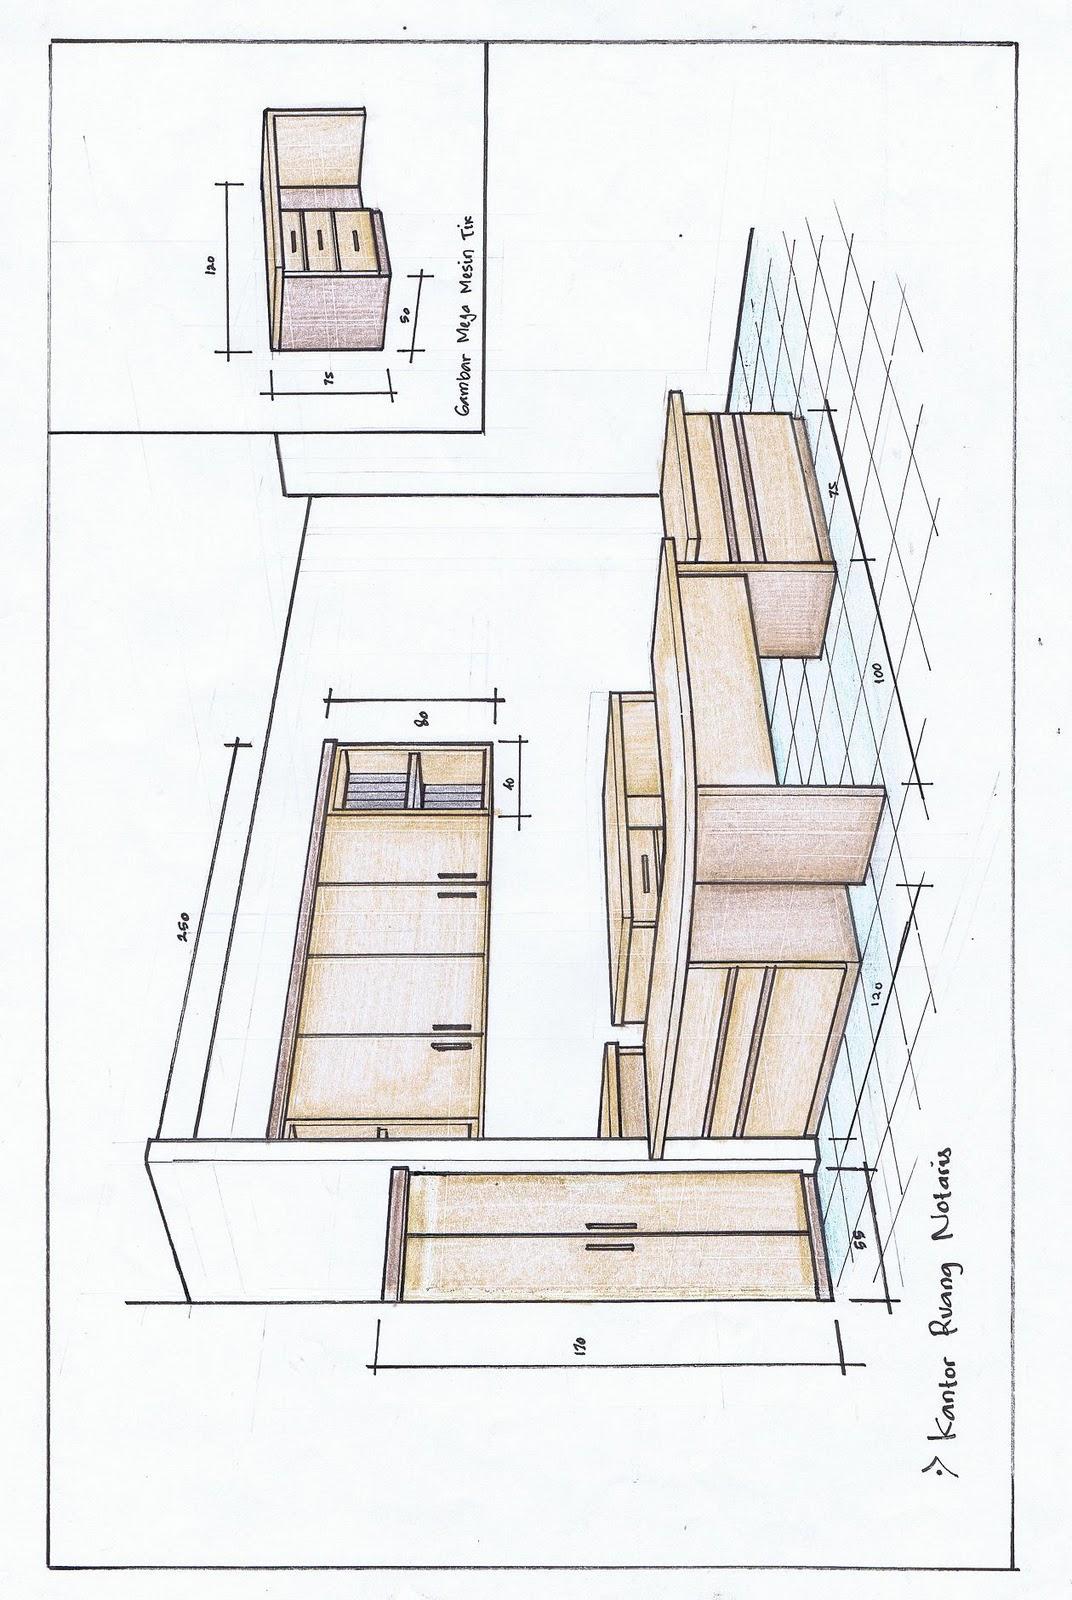 146 Sketsa Gambar Ruangan Gudangsket